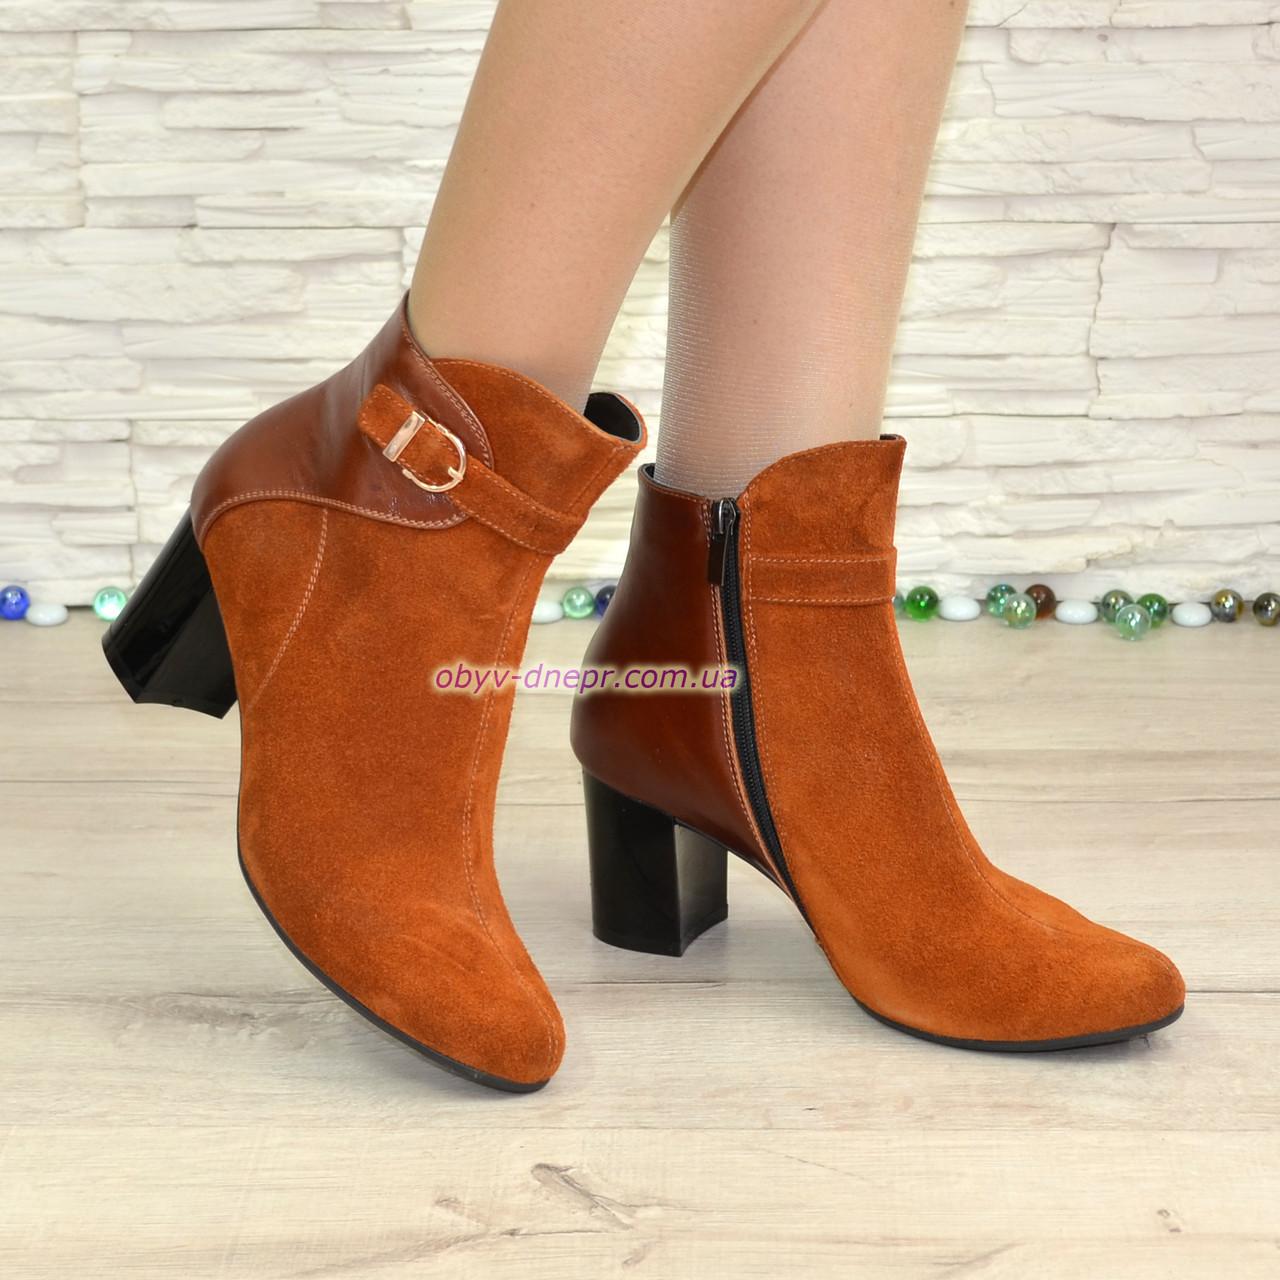 Ботинки комбинированные демисезонные на невысоком каблуке, цвет рыжий. 39 размер